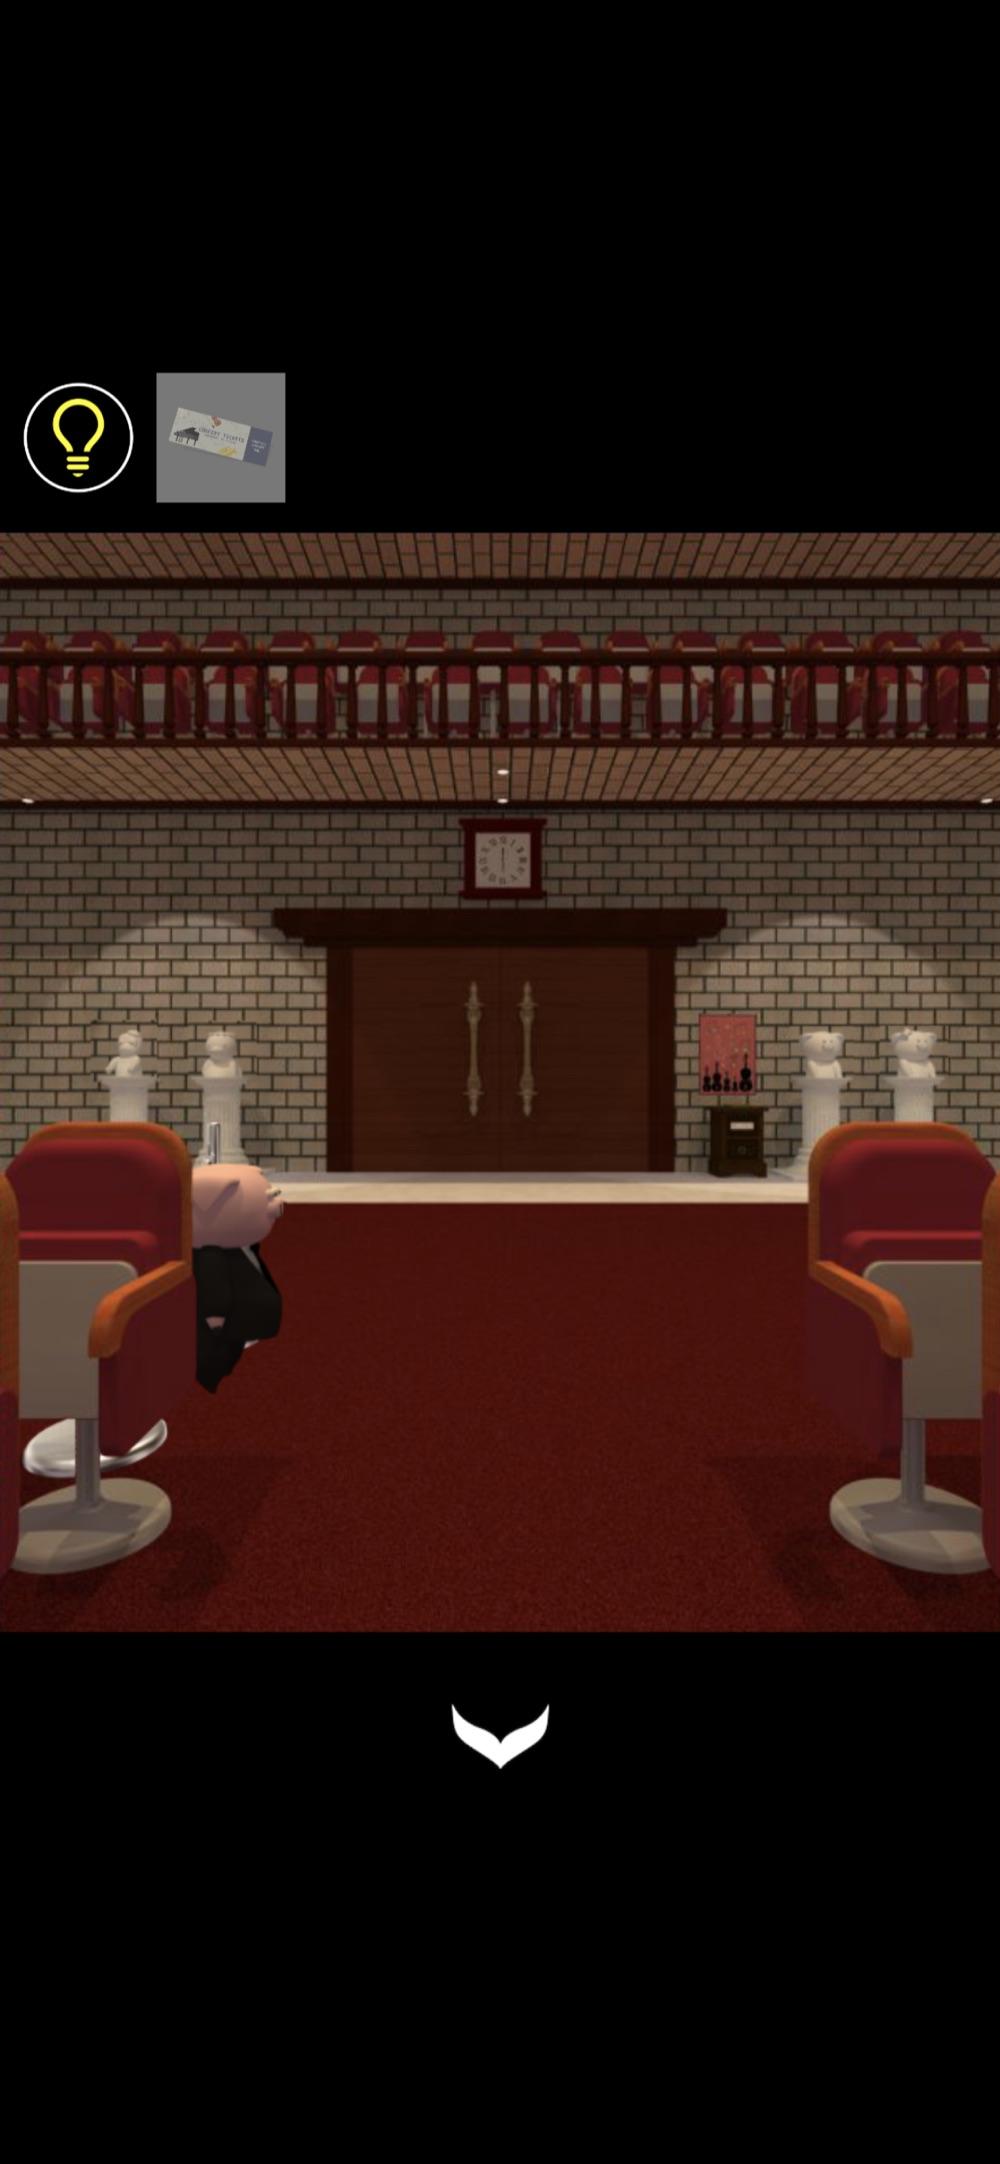 Prison Games – Escape Rooms Cheat Codes